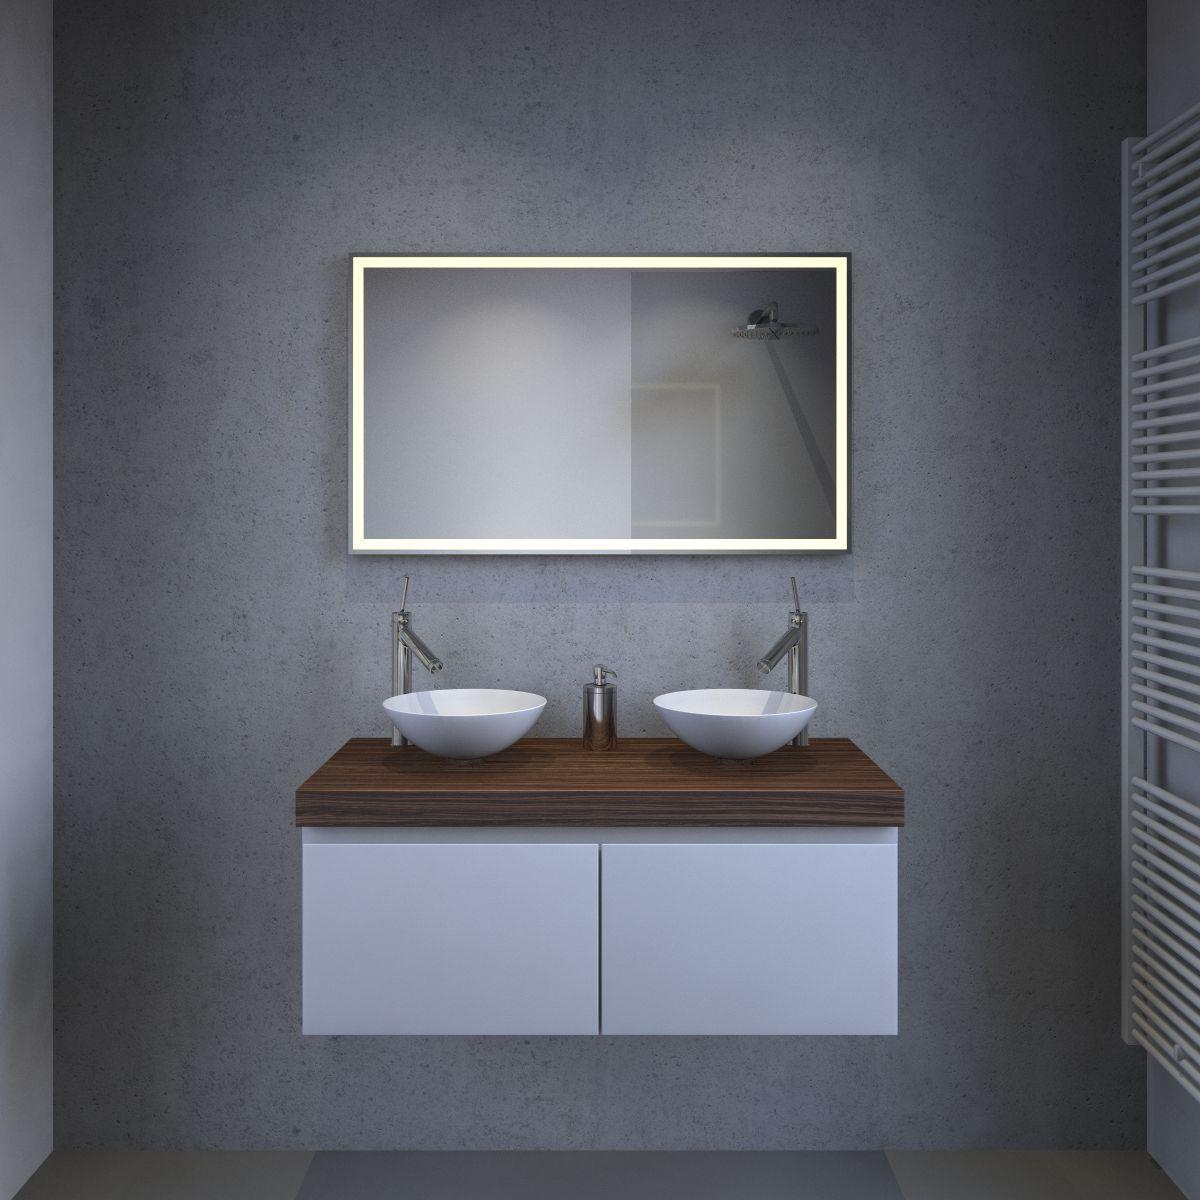 90 cm brede badkamer led spiegel met verwarming en handige sensor schakelaar badkamerspiegel - Spiegel badkamer geintegreerde verlichting ...